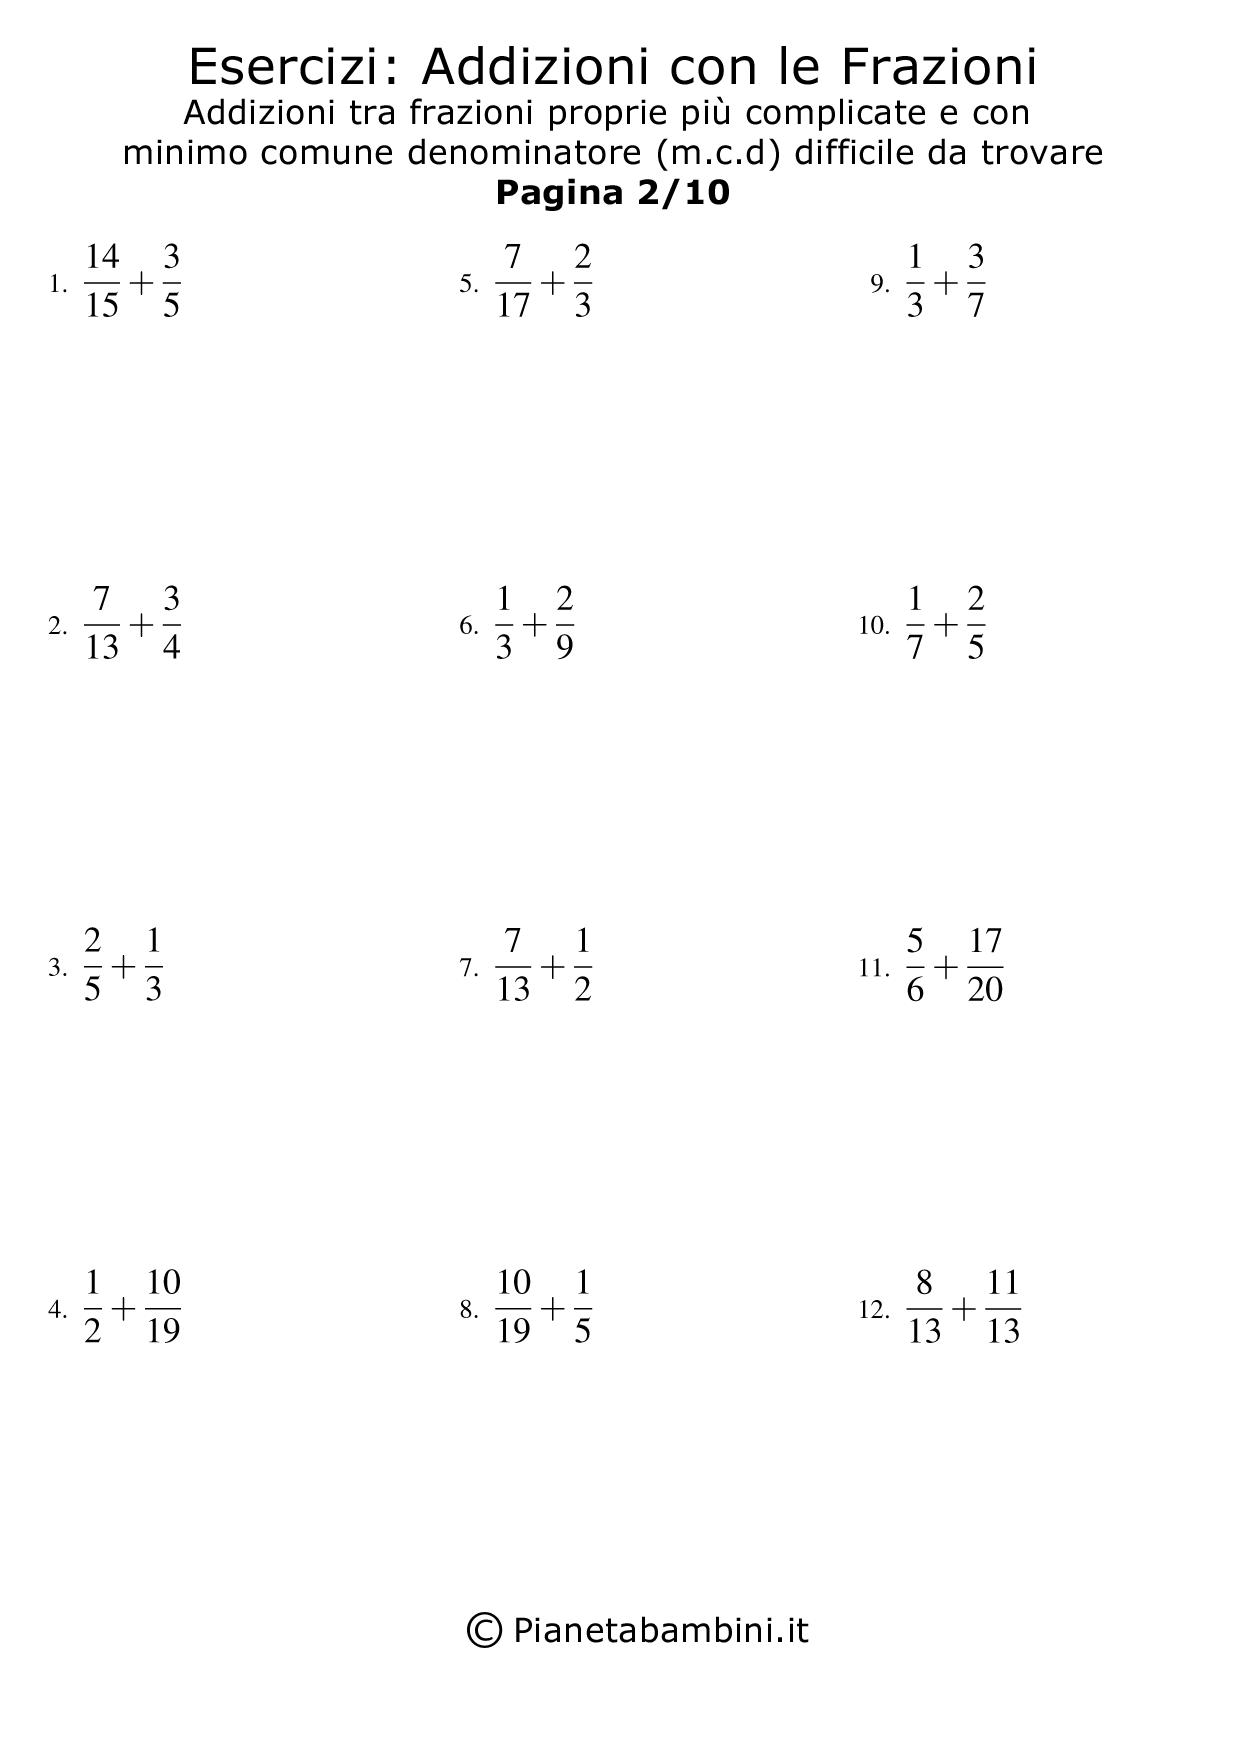 Frazioni-Difficili-m.c.d-difficile_02